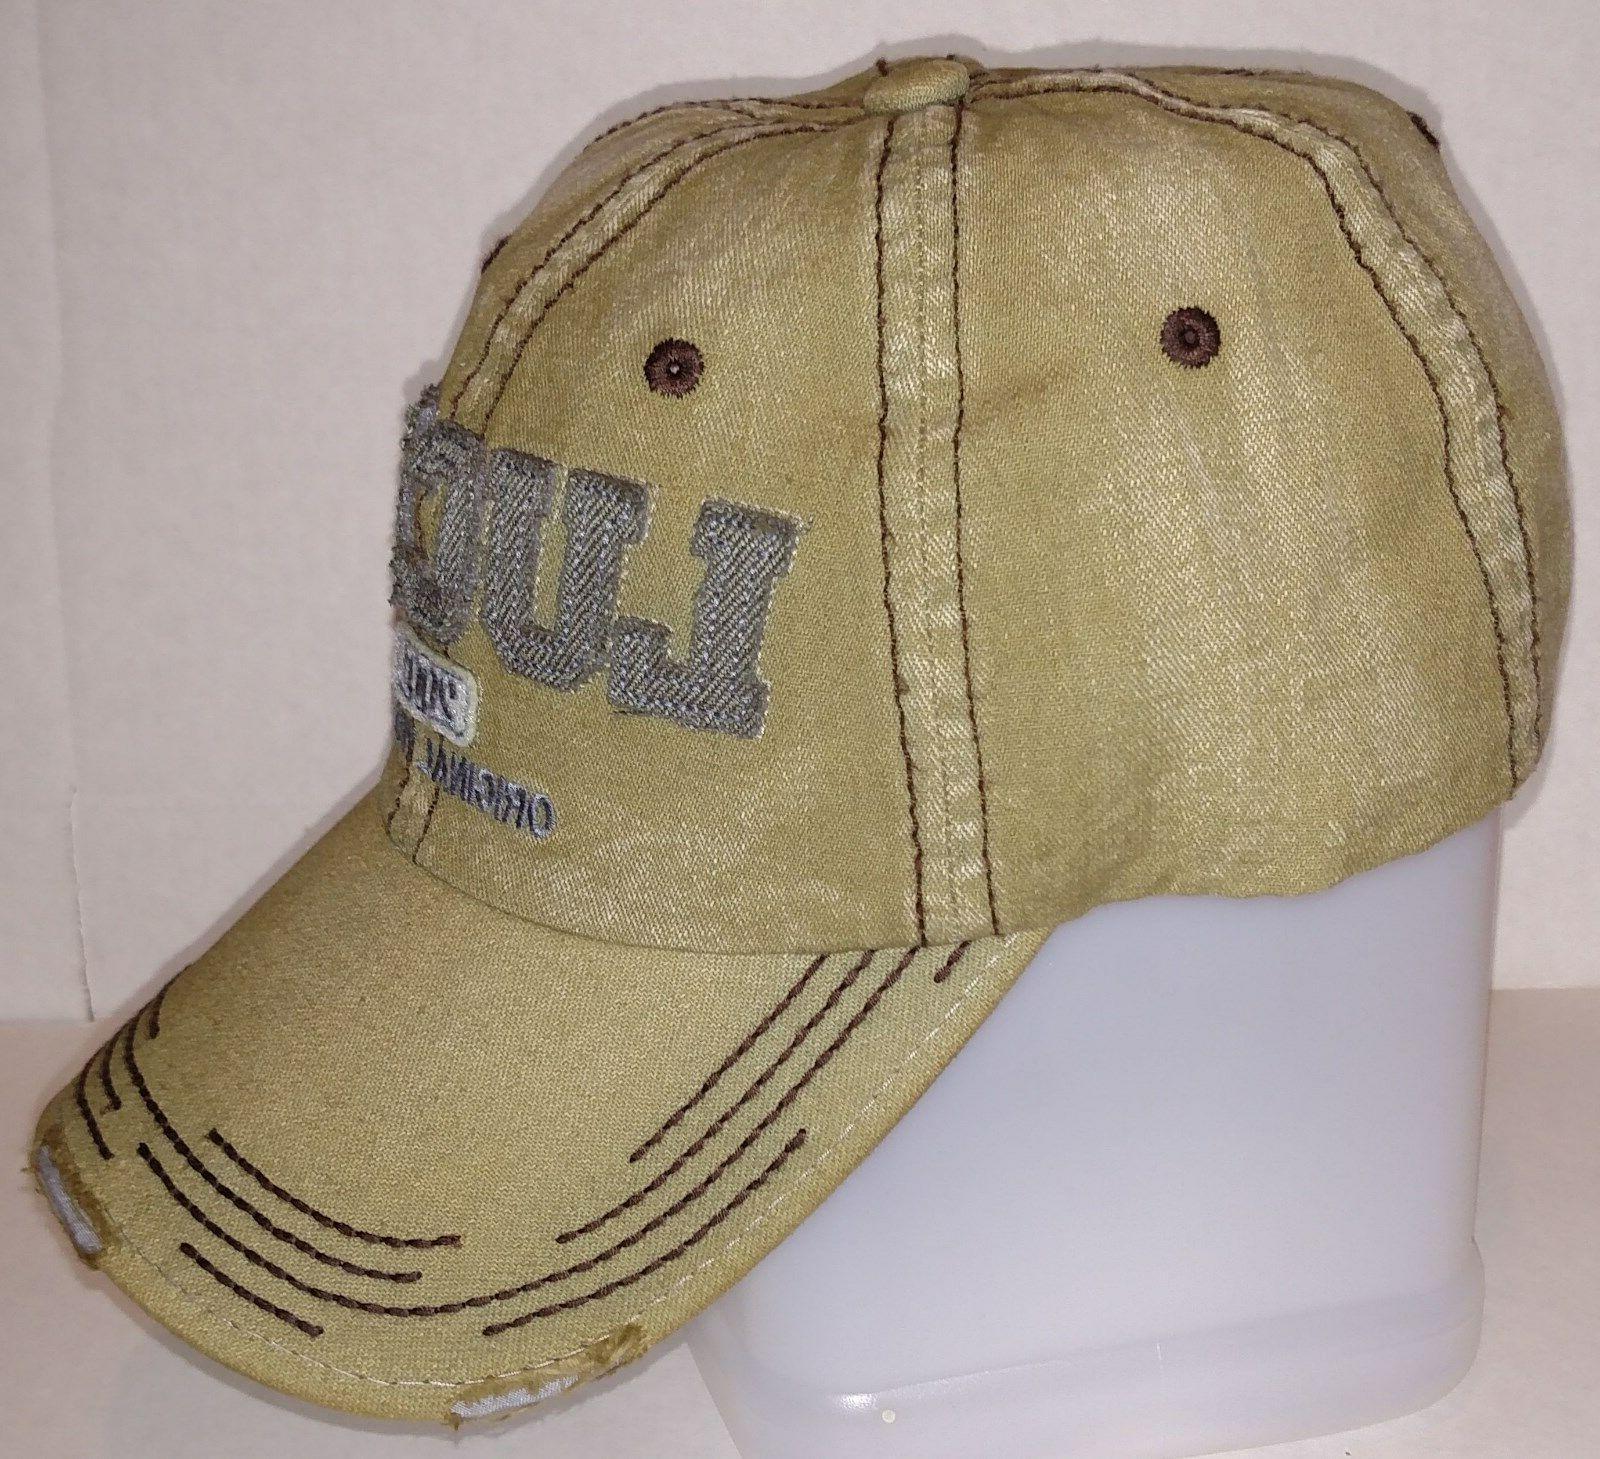 KBETHOS Distressed Washed Baseball Cap